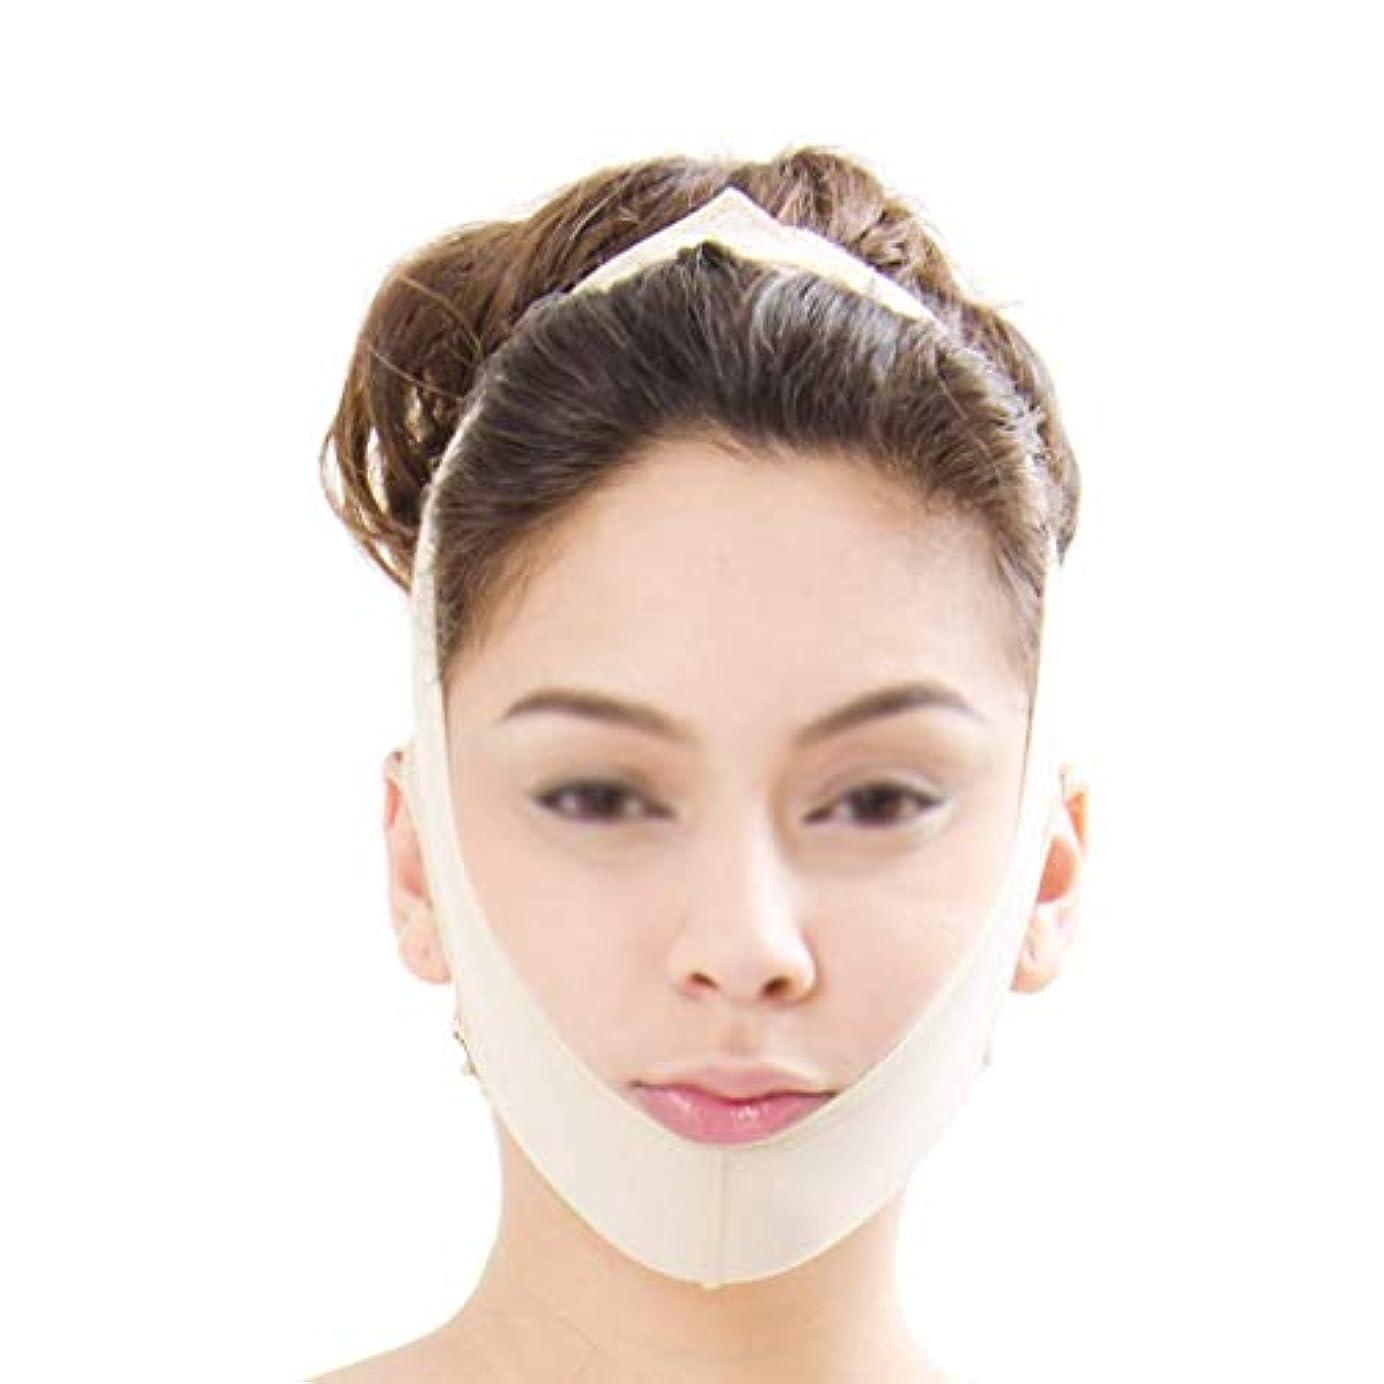 グラフィッククスコくしゃみフェイススリミングバンデージ、フェイスリフティングマスク、フェイスリフティングバンデージ、フェイシャル減量マスク、ダブルチンケア減量(サイズ:M),XXL